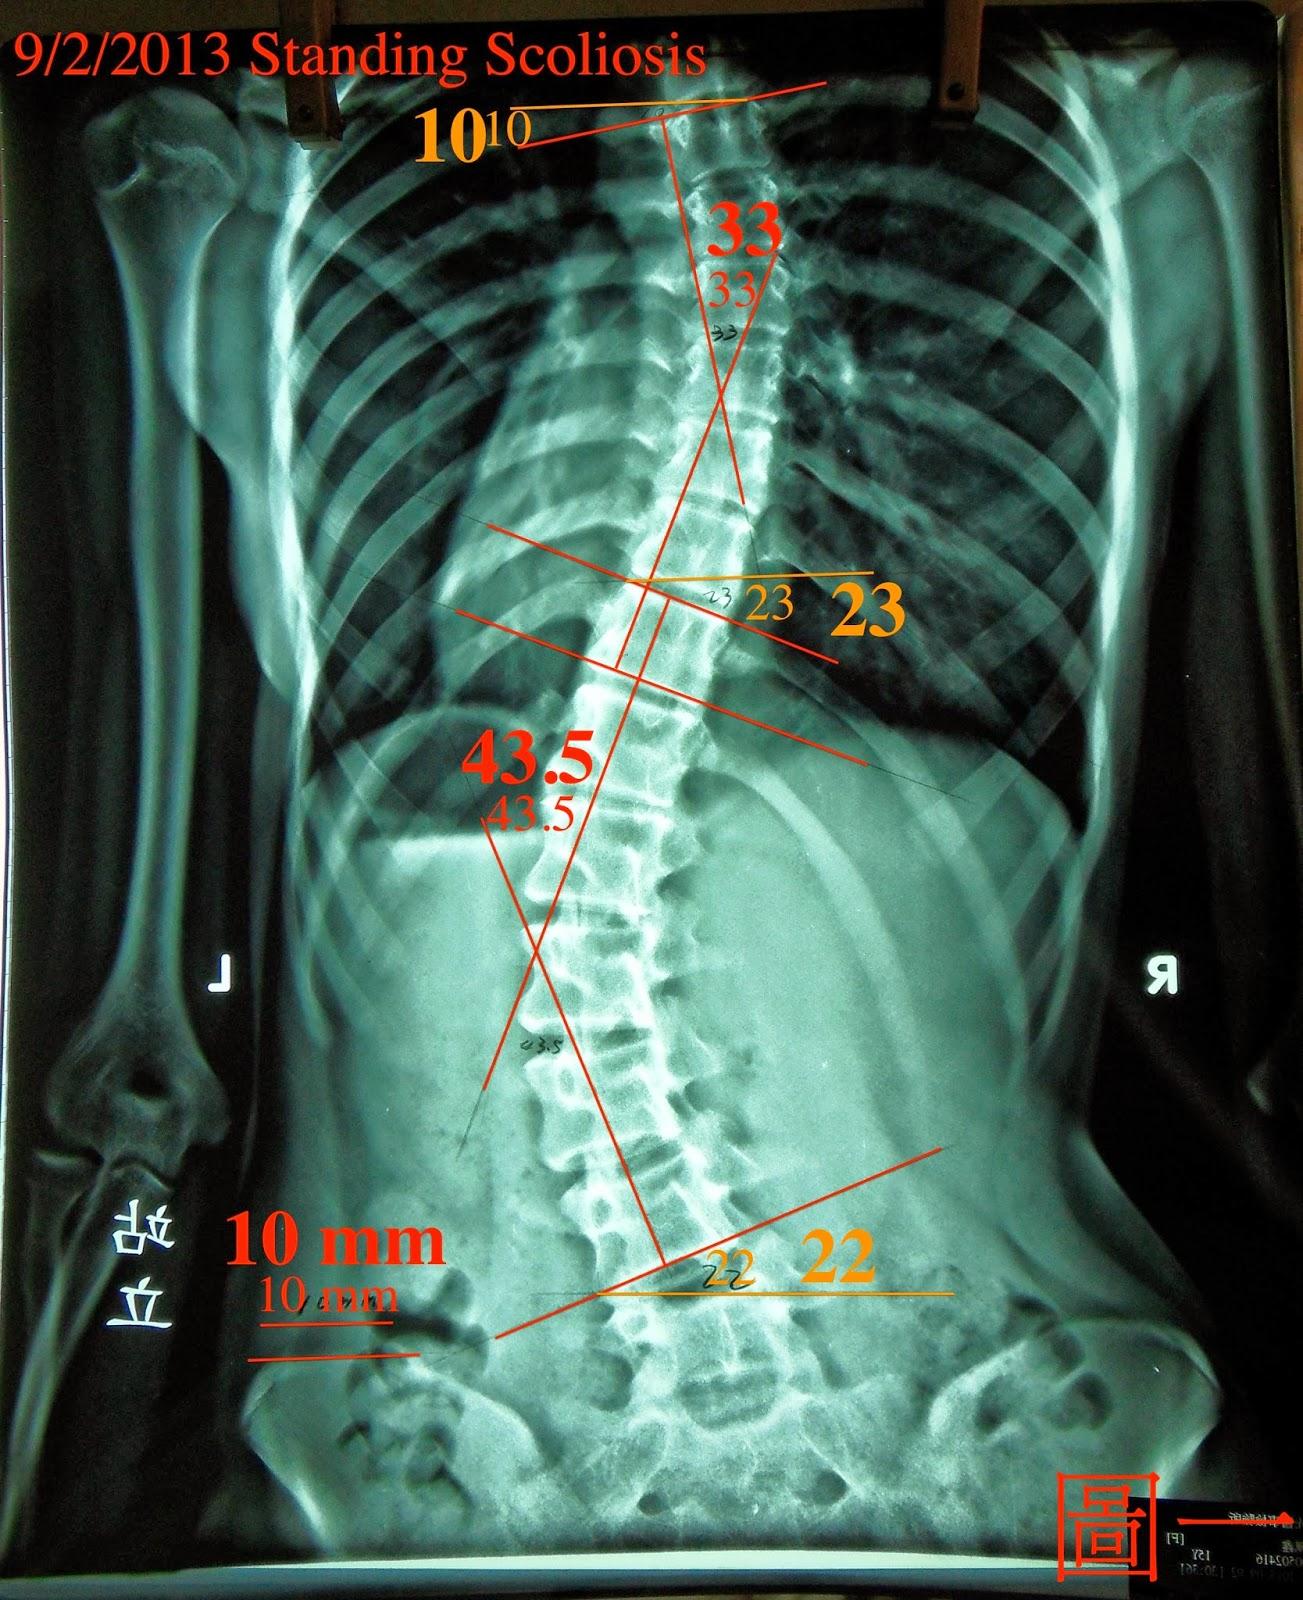 脊椎側彎矯正案例5- 治療9次成果43.5度~32度- 後續追蹤一(5個月進步19度) - 閻曉華脊骨神經醫學網